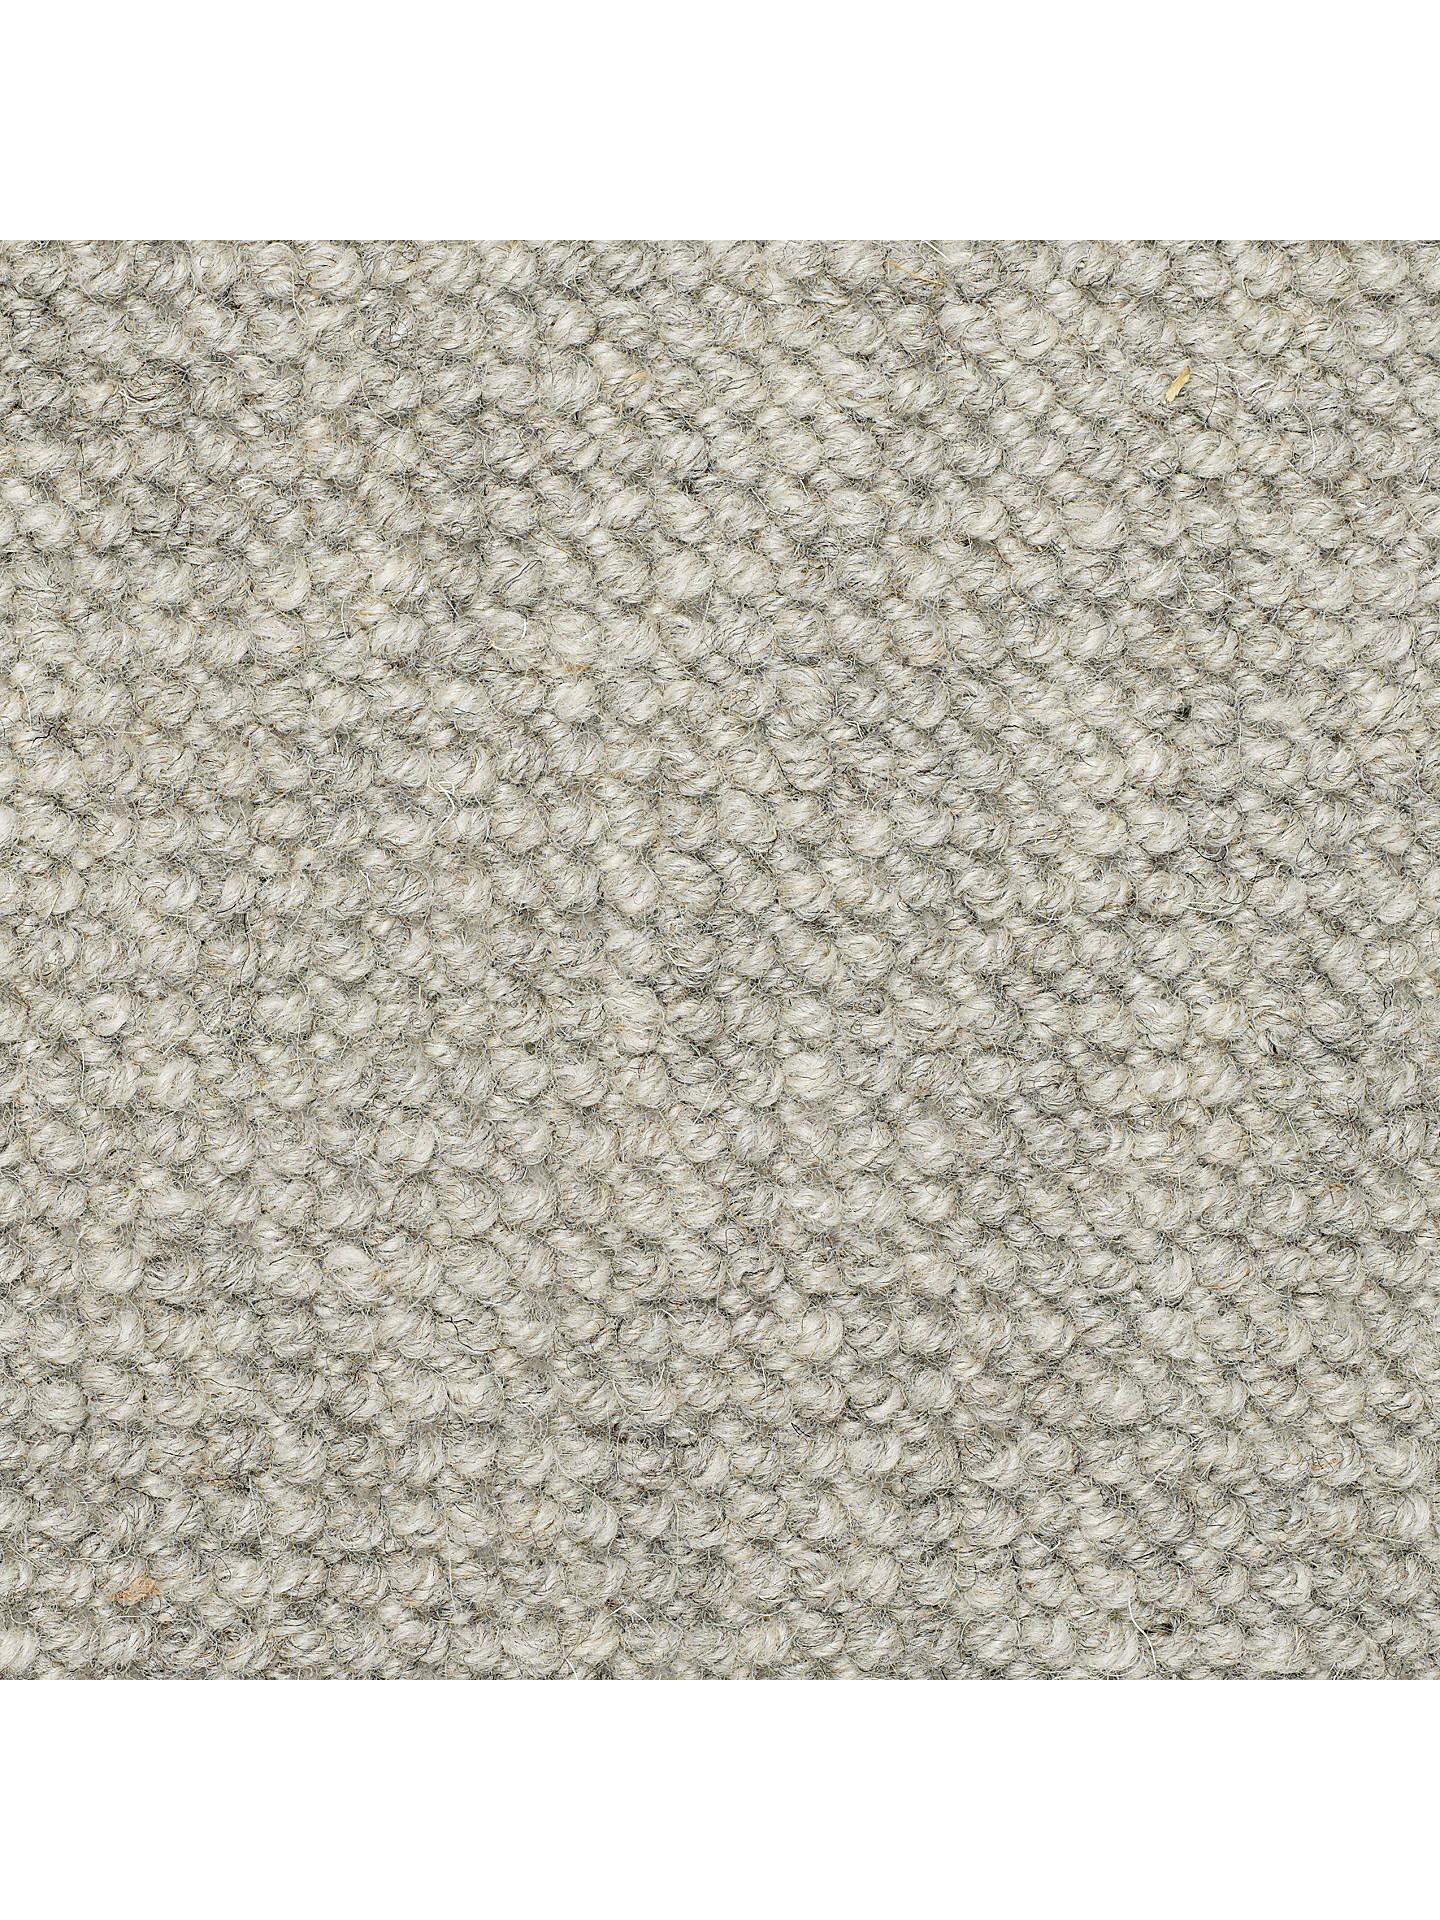 john lewis partners rustic braid 4 ply wool loop carpet. Black Bedroom Furniture Sets. Home Design Ideas